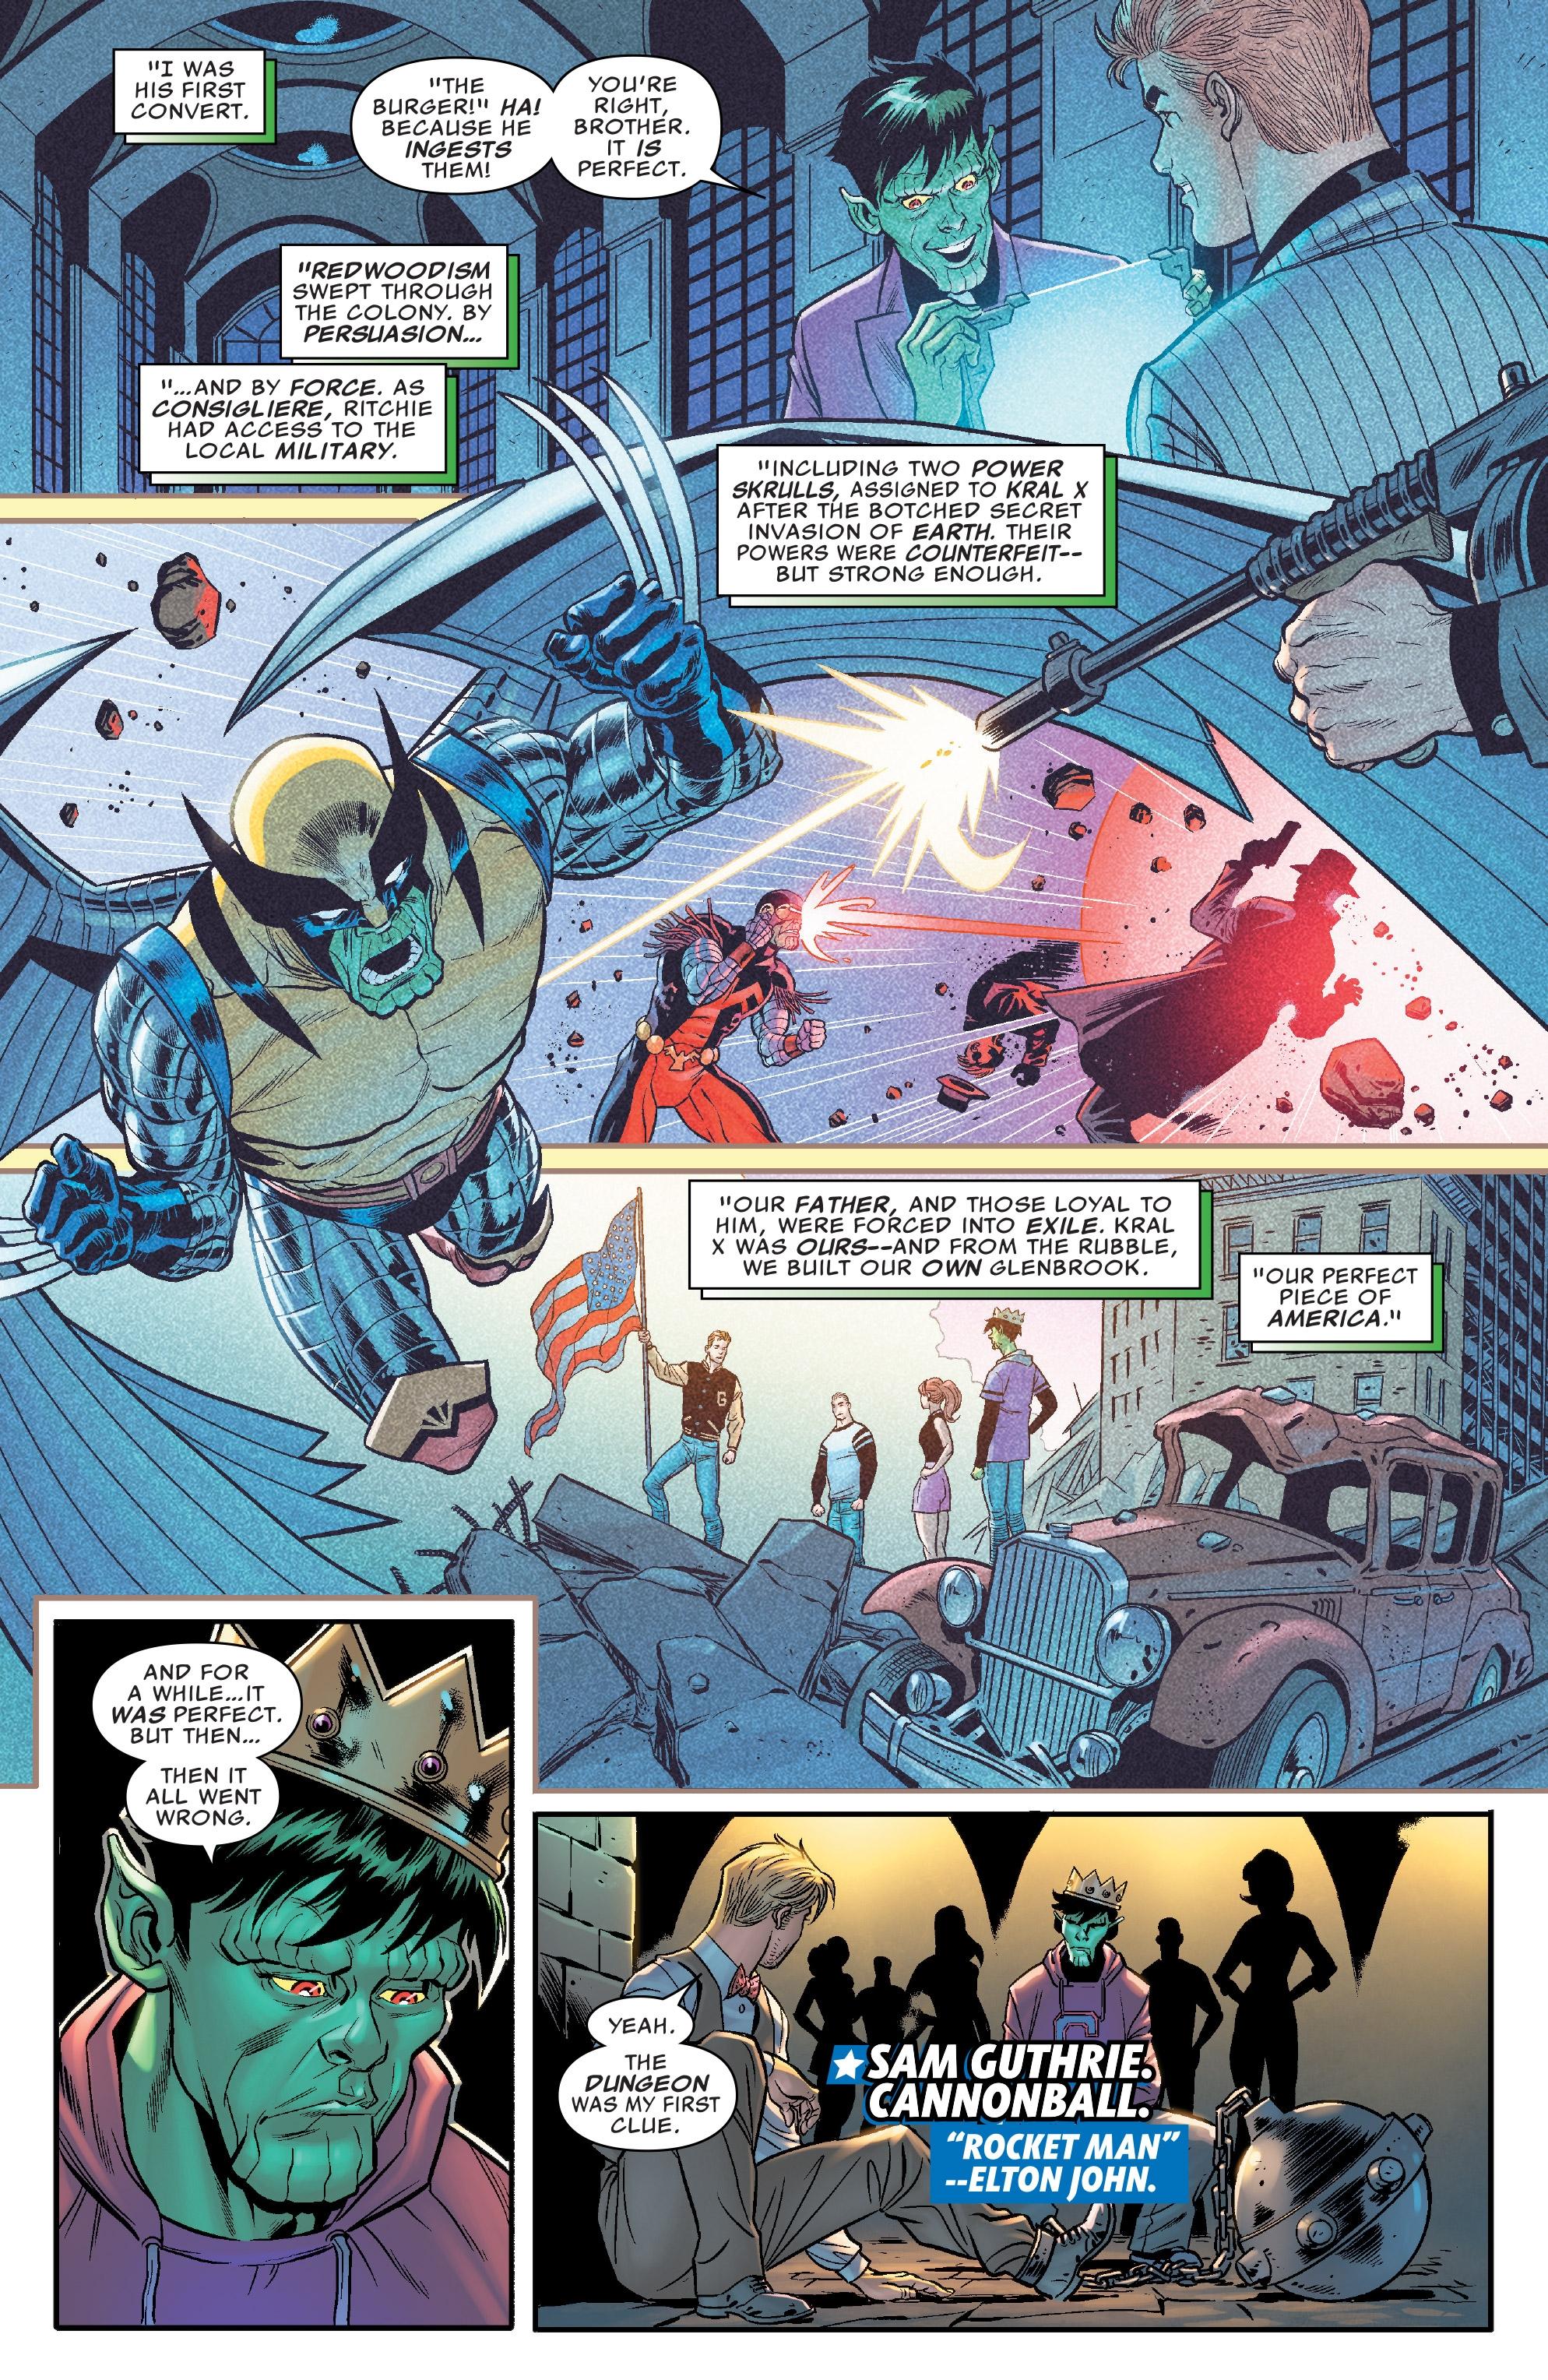 美国复仇者联盟(2017-): Chapter 12 - Page 美国复仇者联盟(2017-)